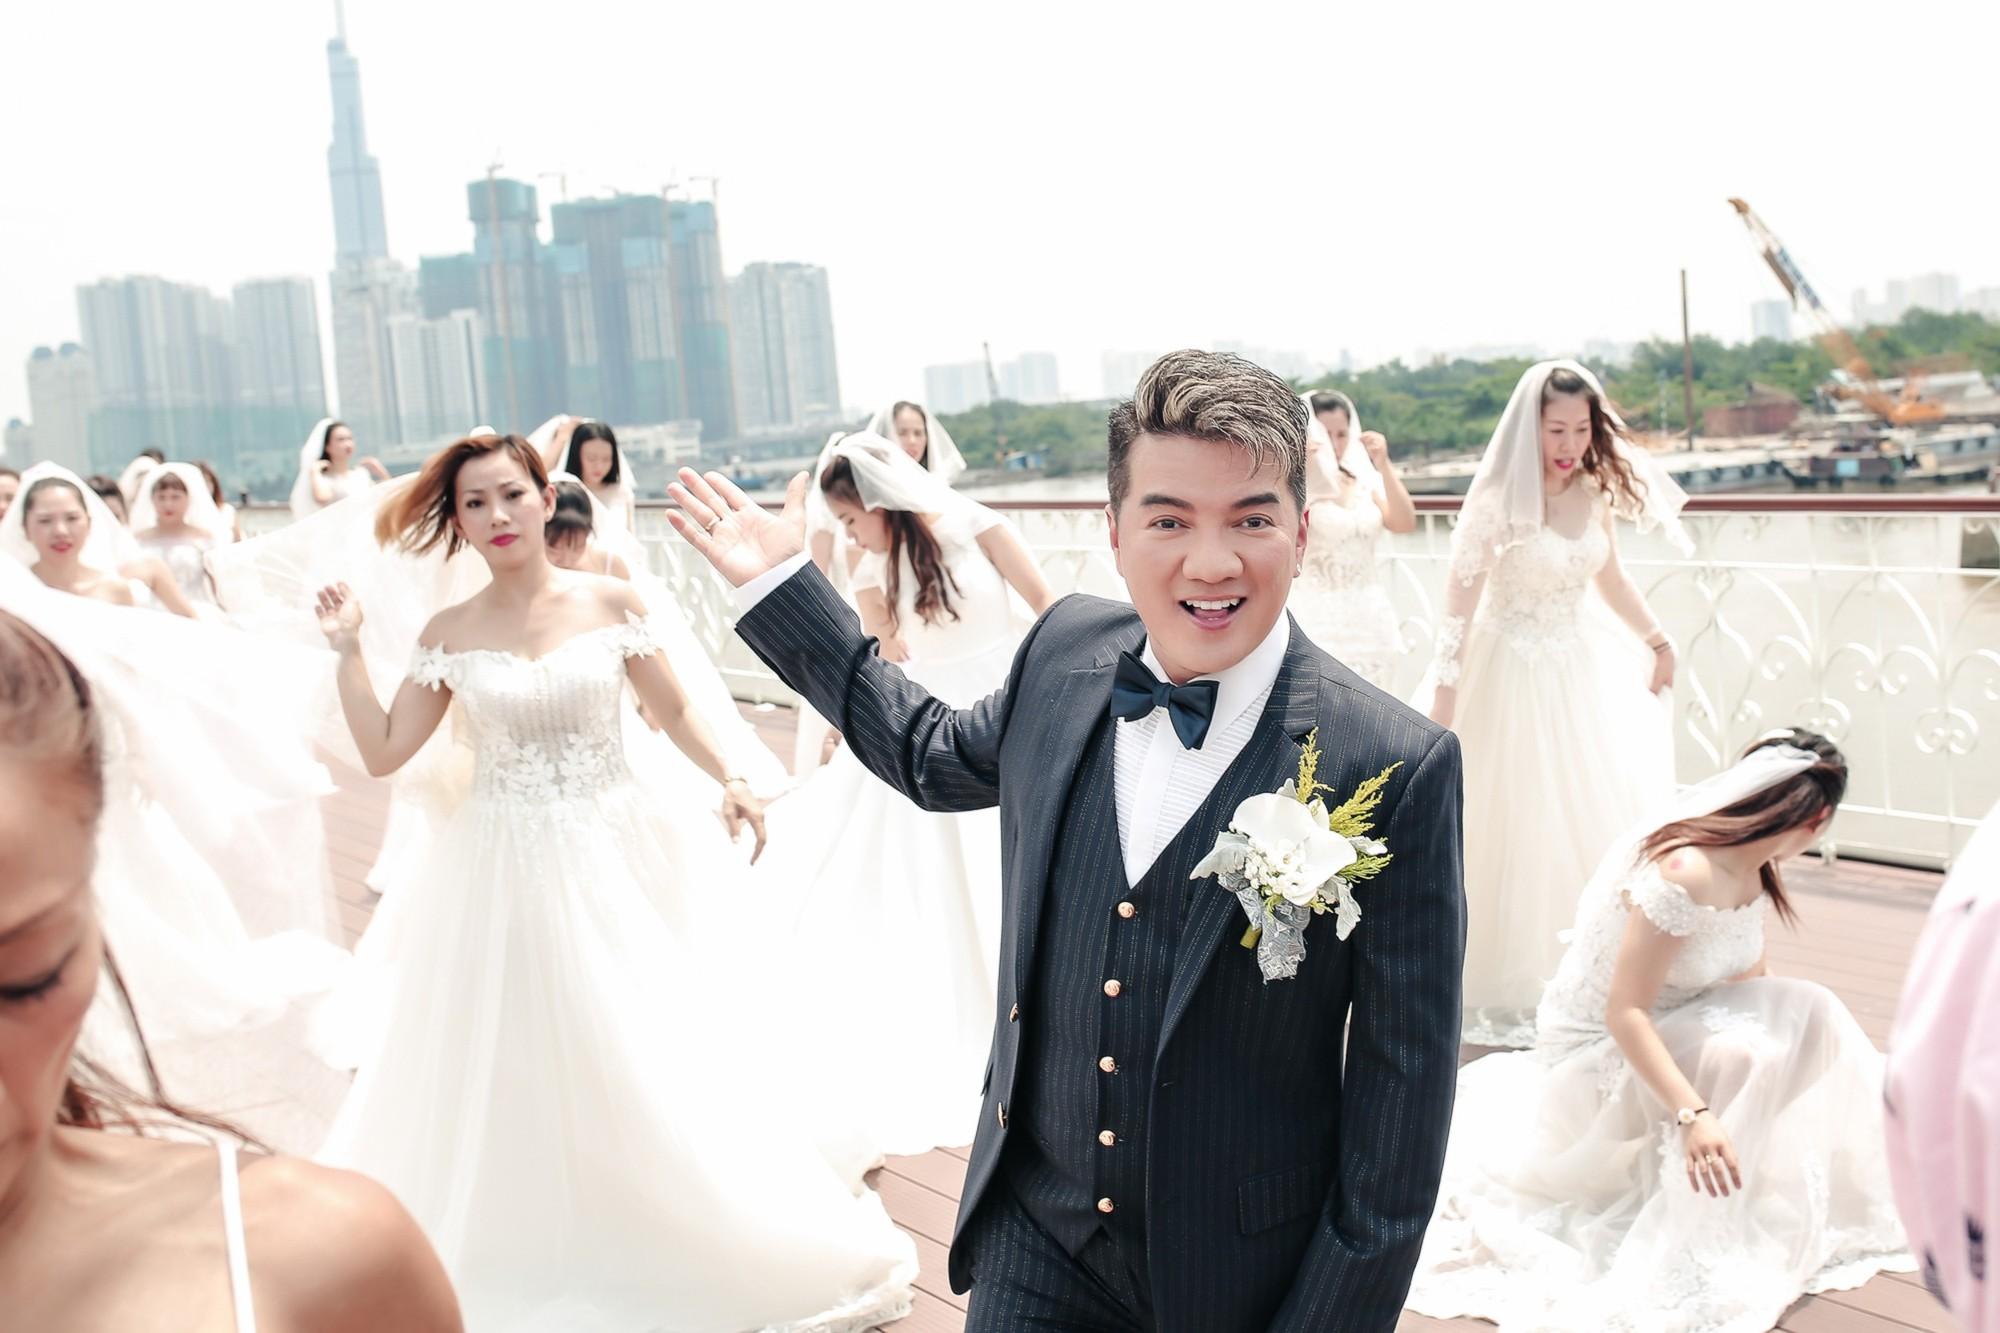 Đàm Vĩnh Hưng chụp ảnh cưới với 50 cô dâu trên boong tàu hạng sang  - Ảnh 3.